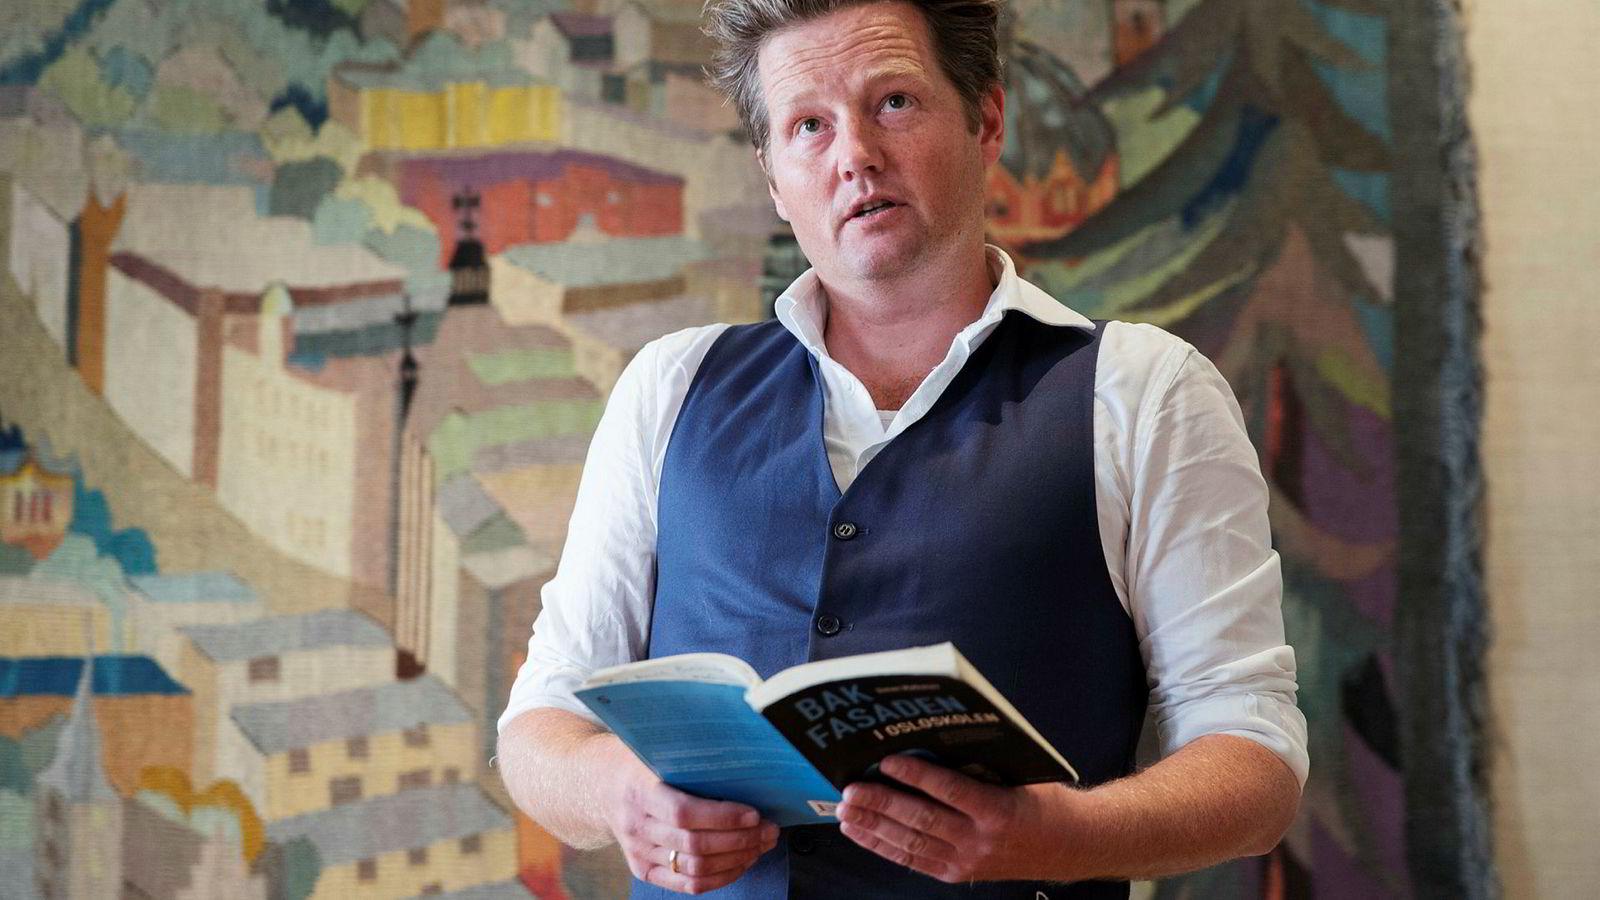 Tidligere i år fikk lektor Simon Malkenes varslerprisen Stockmanns hammer. På utdelingen leste han opp fra sin forrige bok «Bak fasaden i Osloskolen». Mandag kom hans nye bok «Det store skoleeksperimentet».